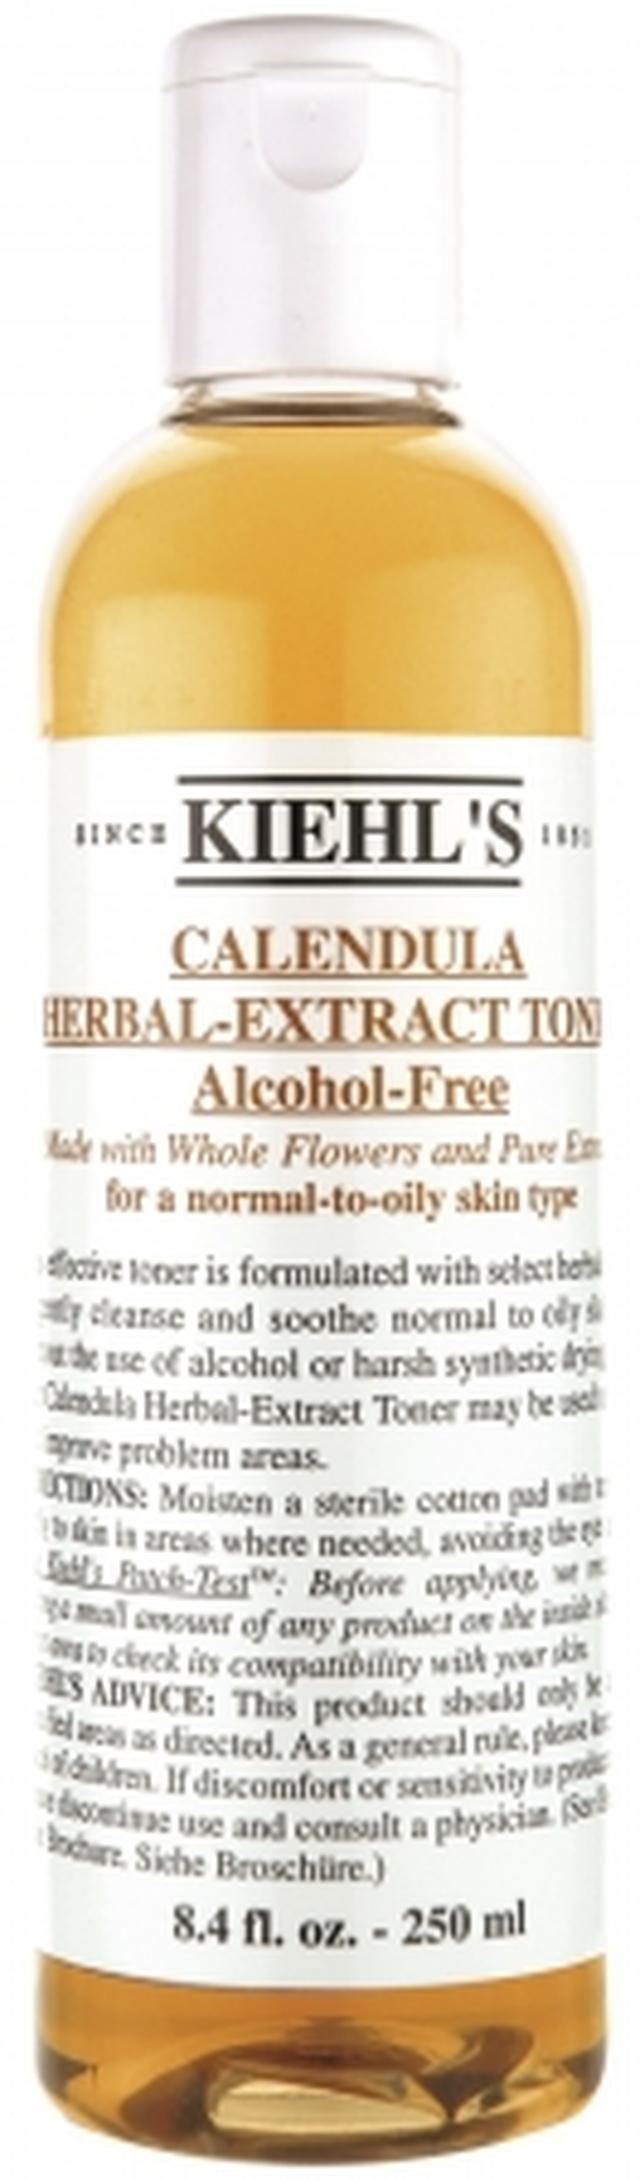 画像: キールズのアイコン的化粧水、カレンデュラトナーの魅力